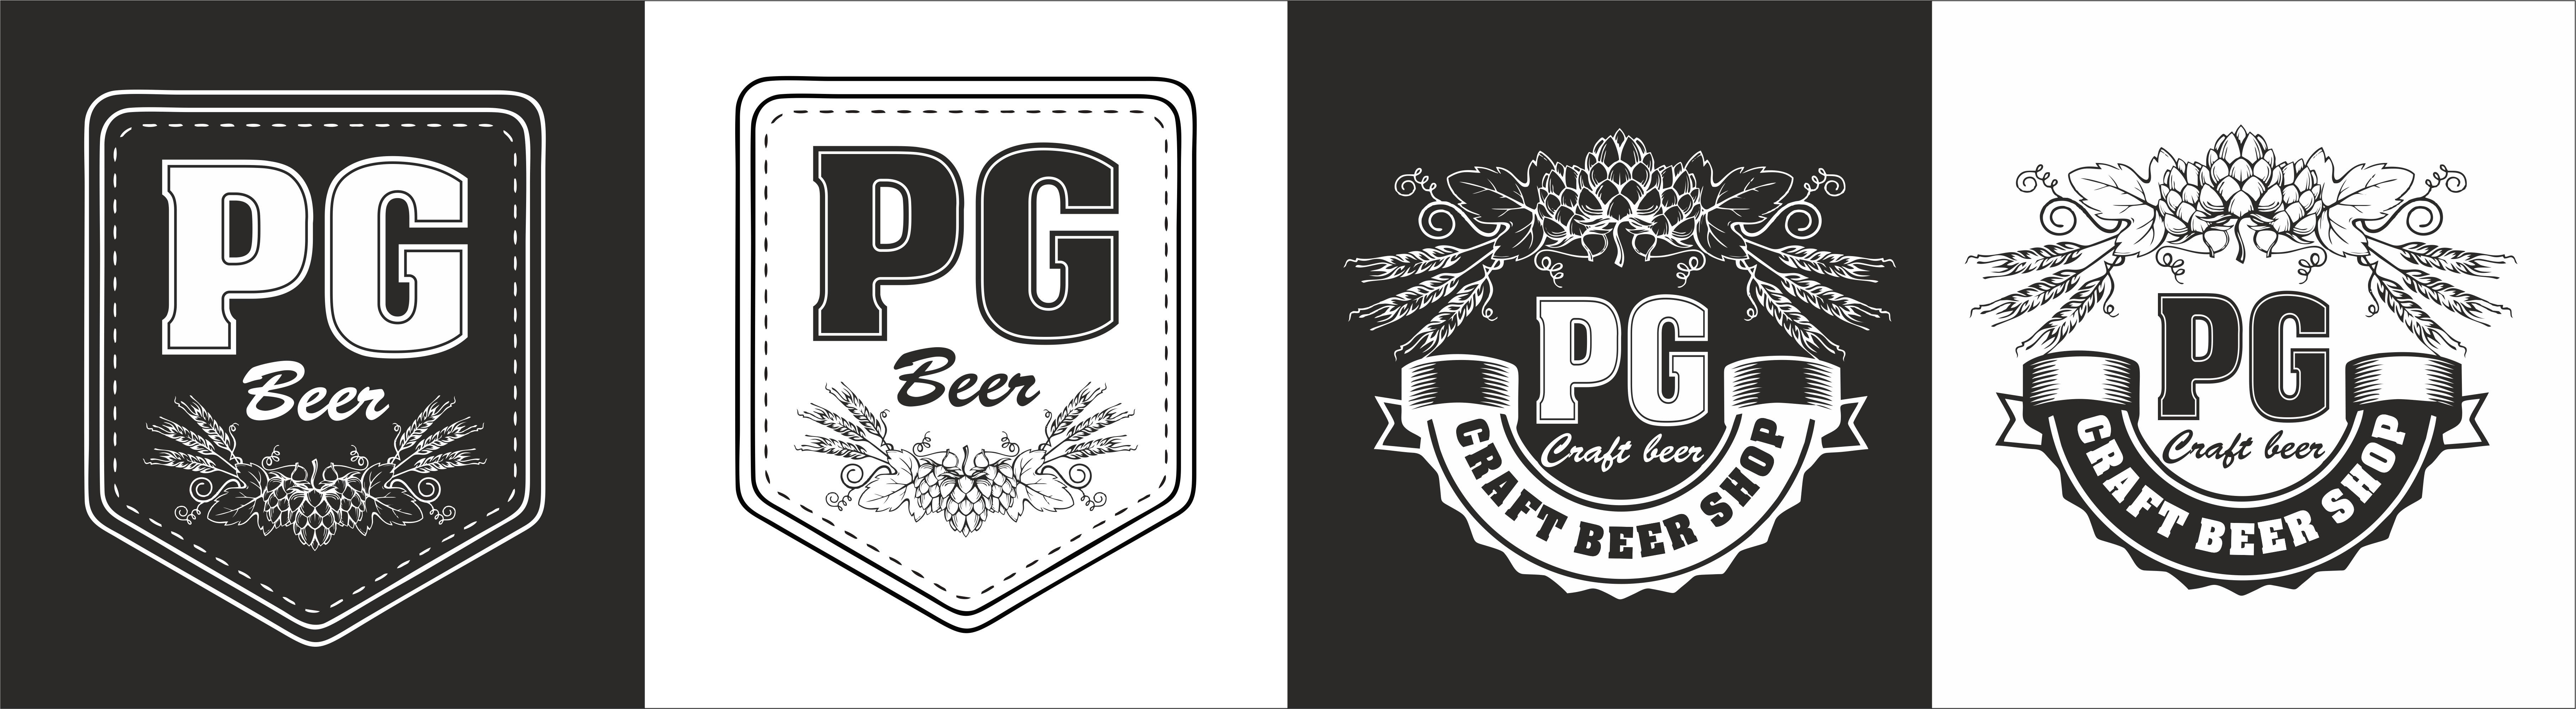 Логотип для Крафтовой Пивоварни фото f_3605cac638f7d276.jpg